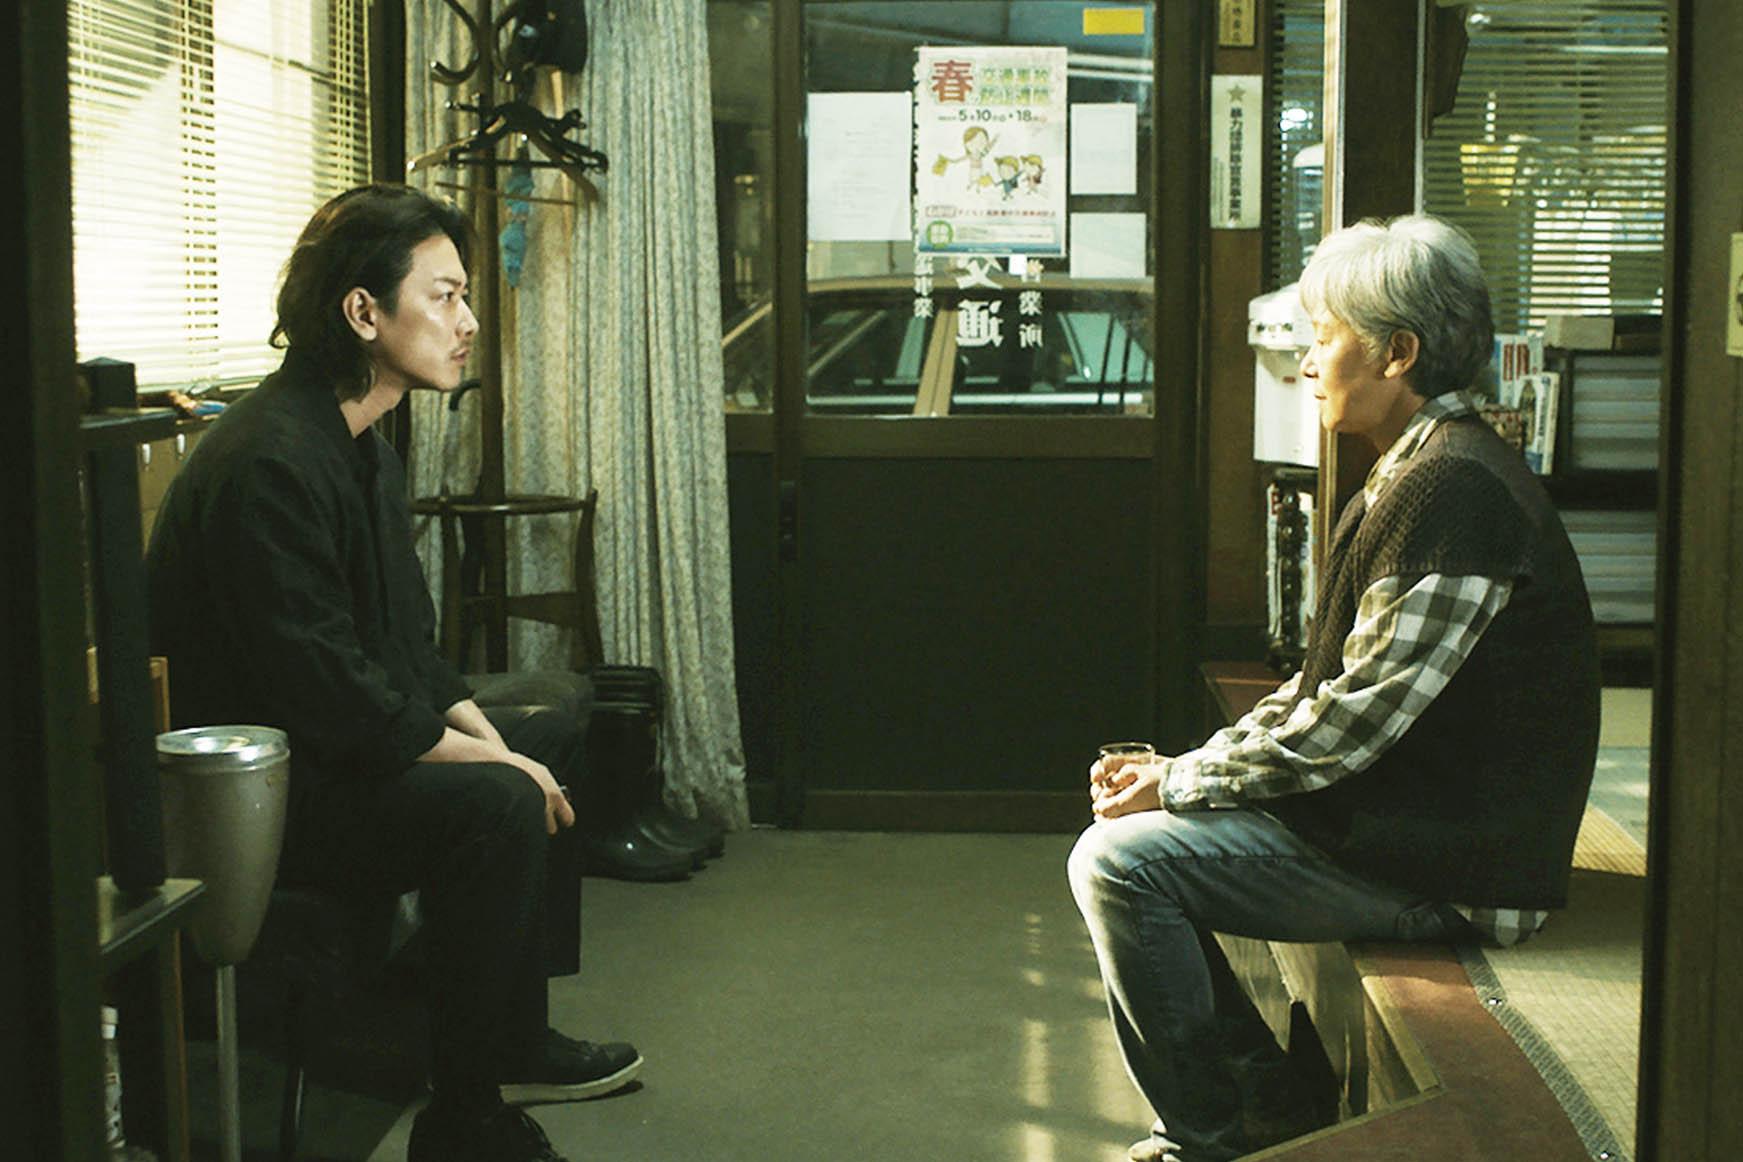 佐藤健(左)飾演的雄二是一位一心渴望成為小說家的自由作者,為求成名,甚至不惜出賣家族醜聞